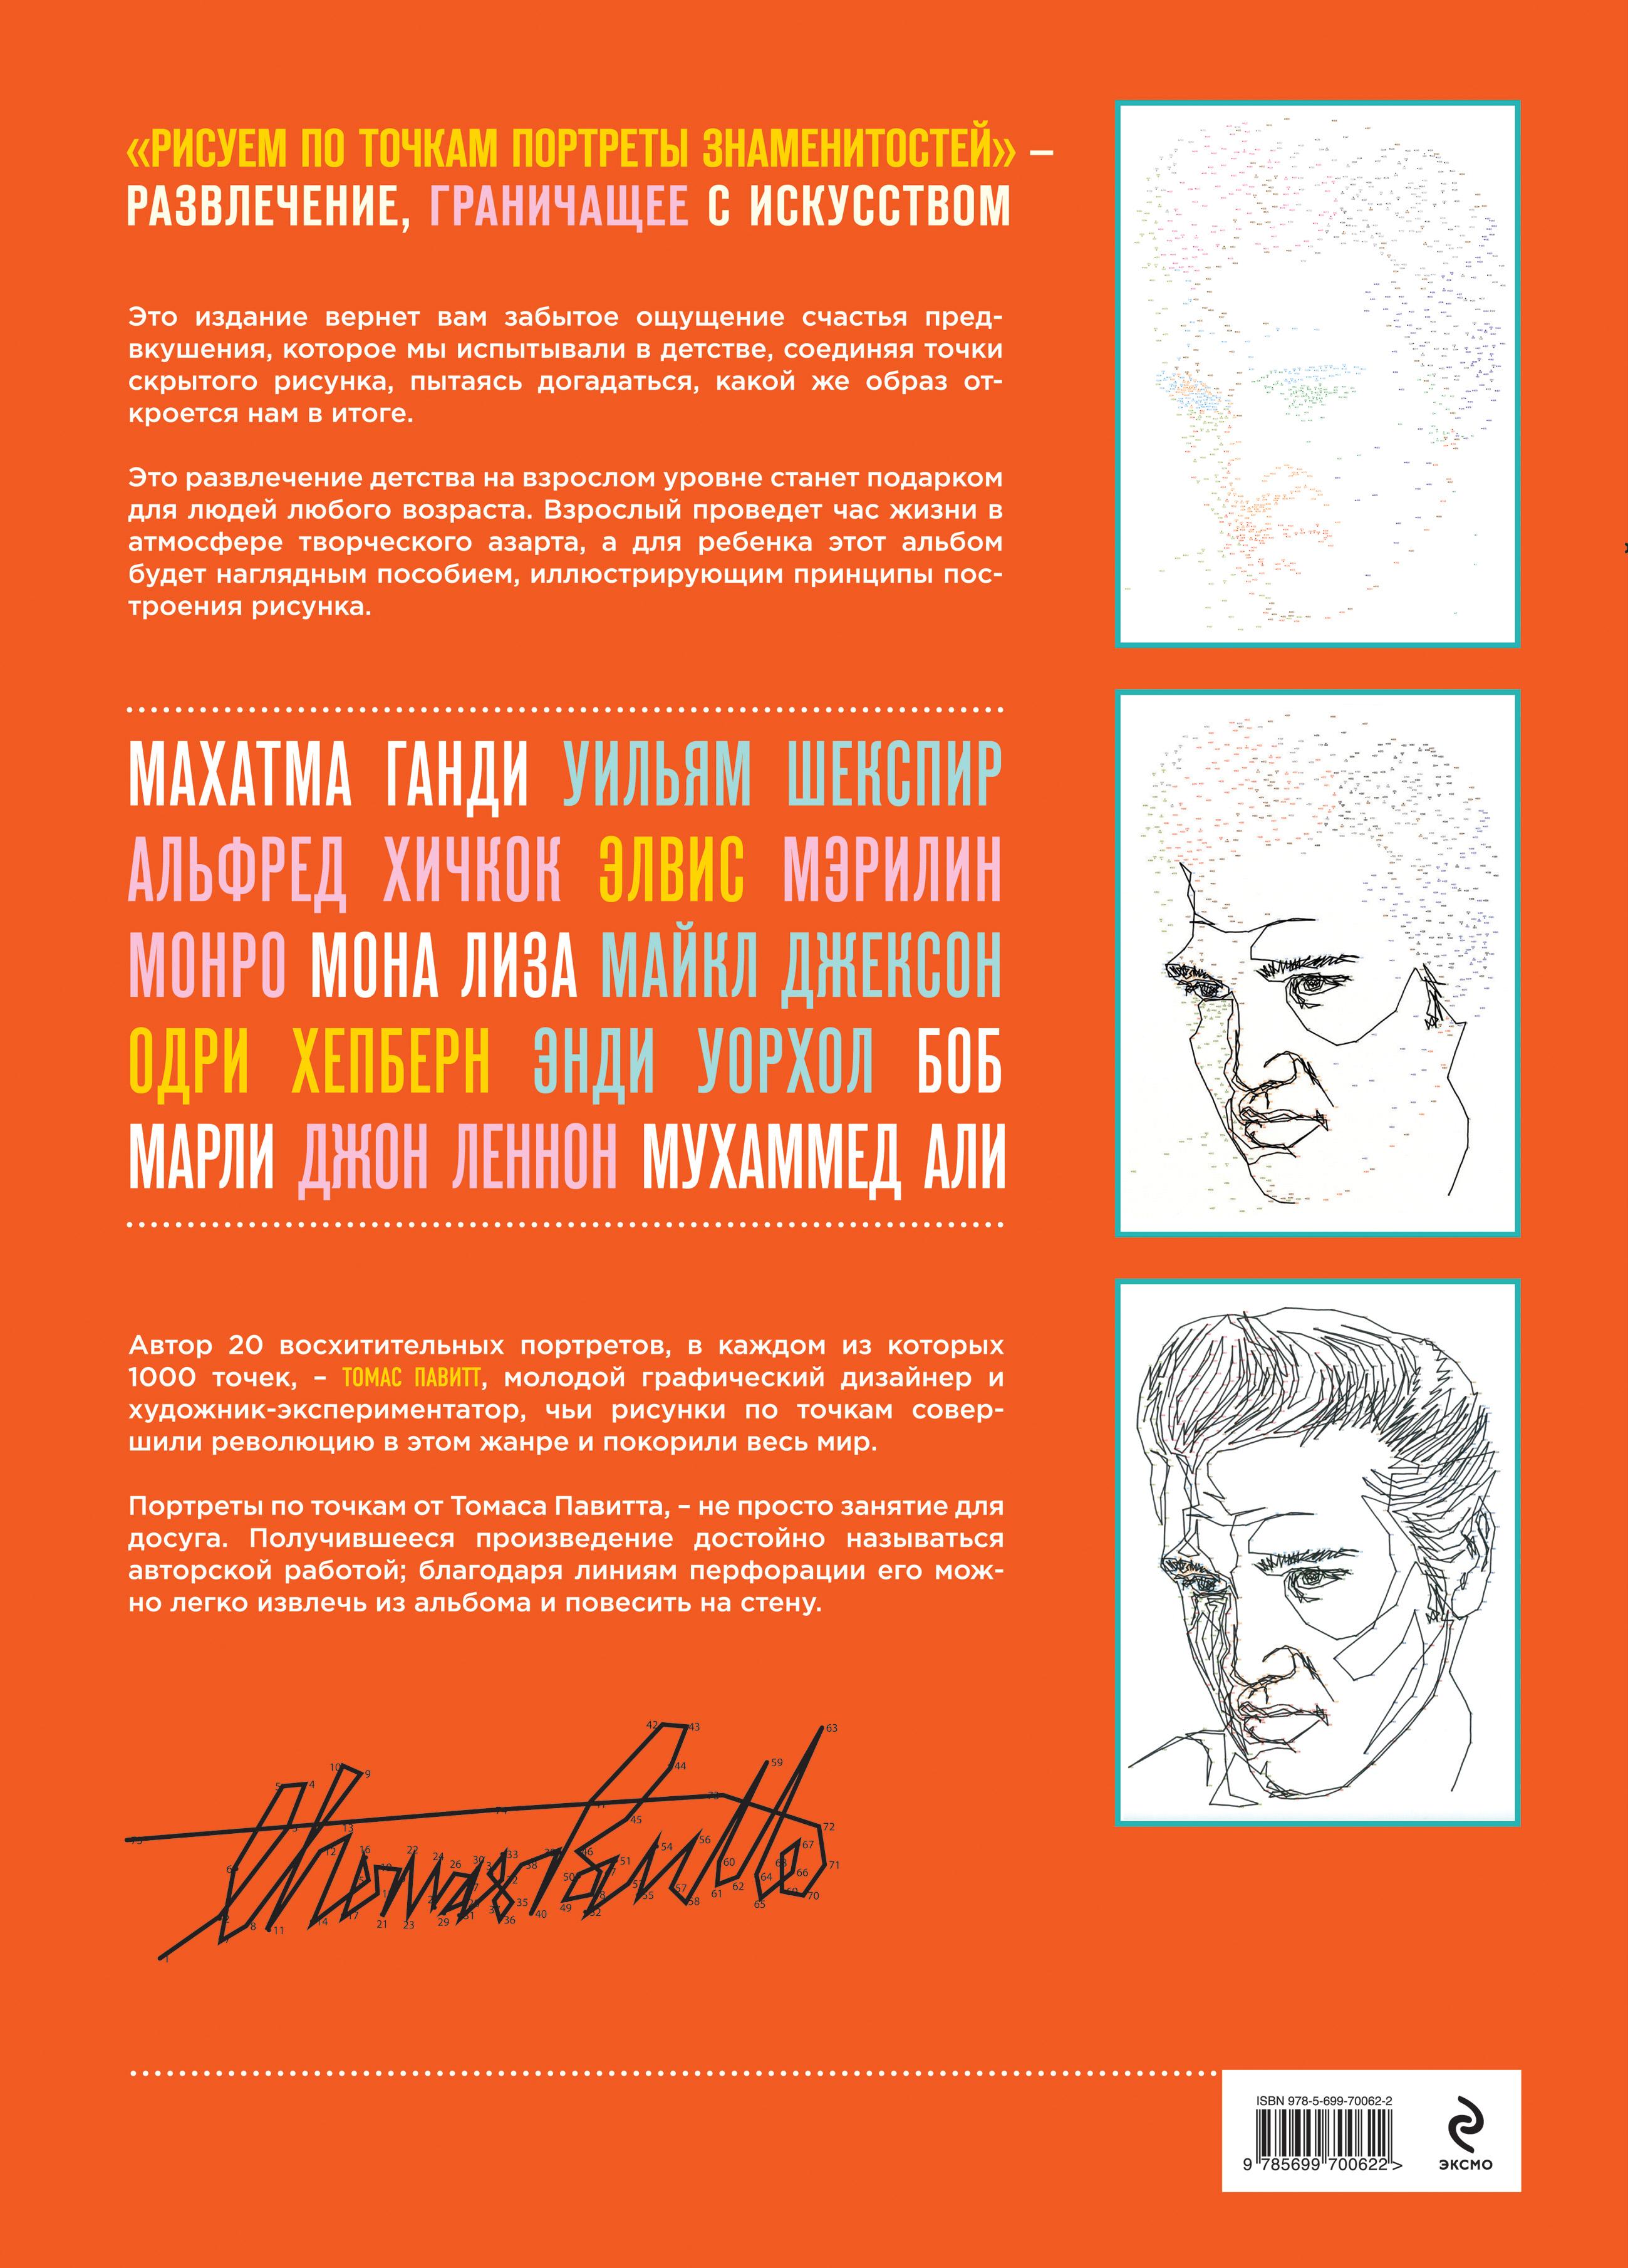 Рисуем портреты знаменитостей по точкам